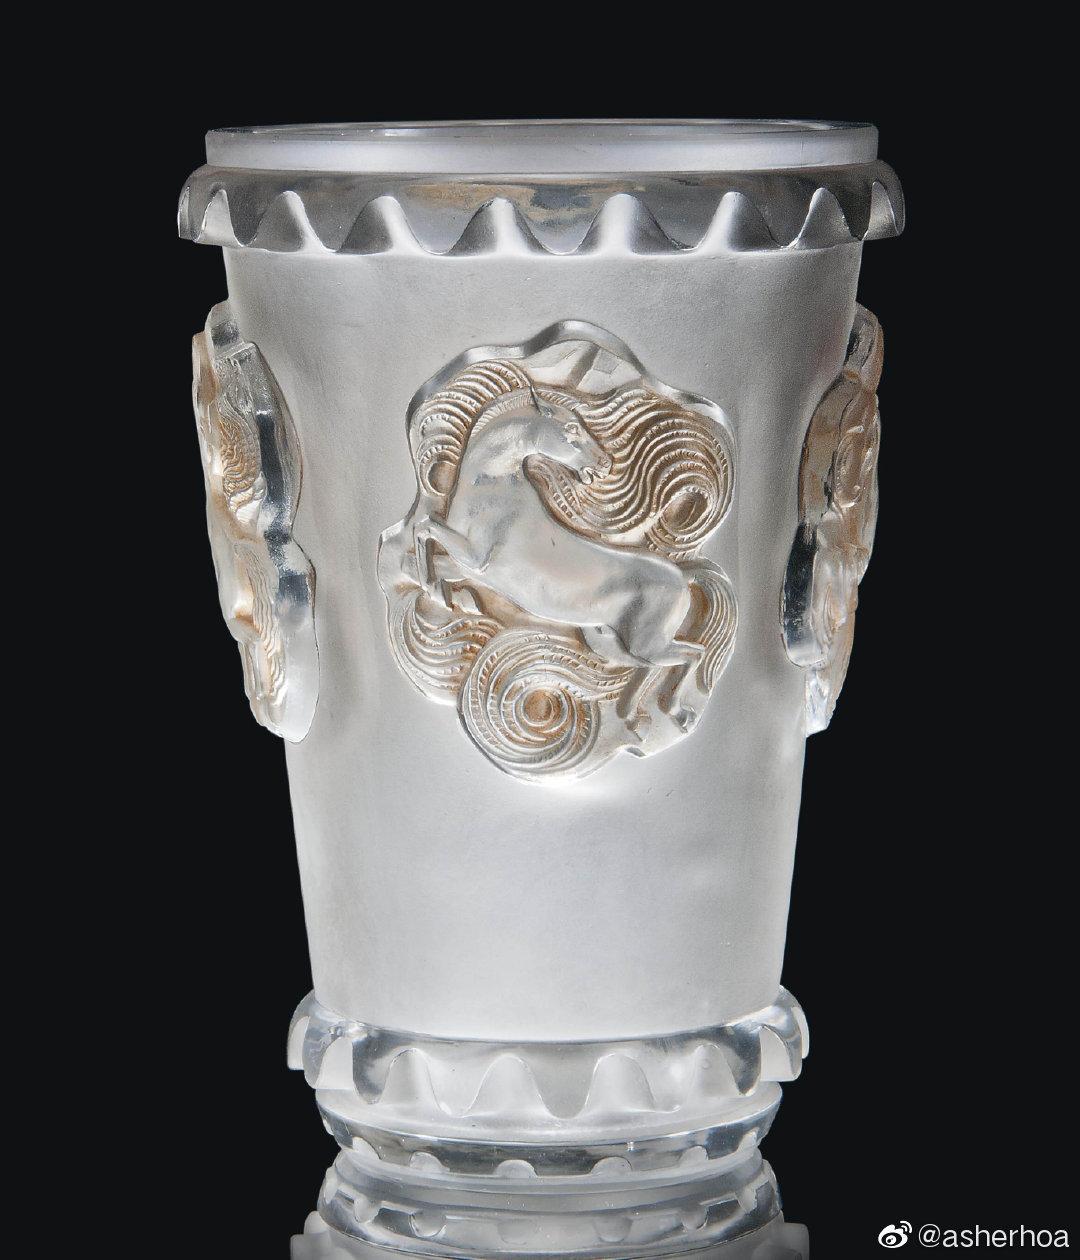 法国玻璃器大师热内·拉利克(René Lalique